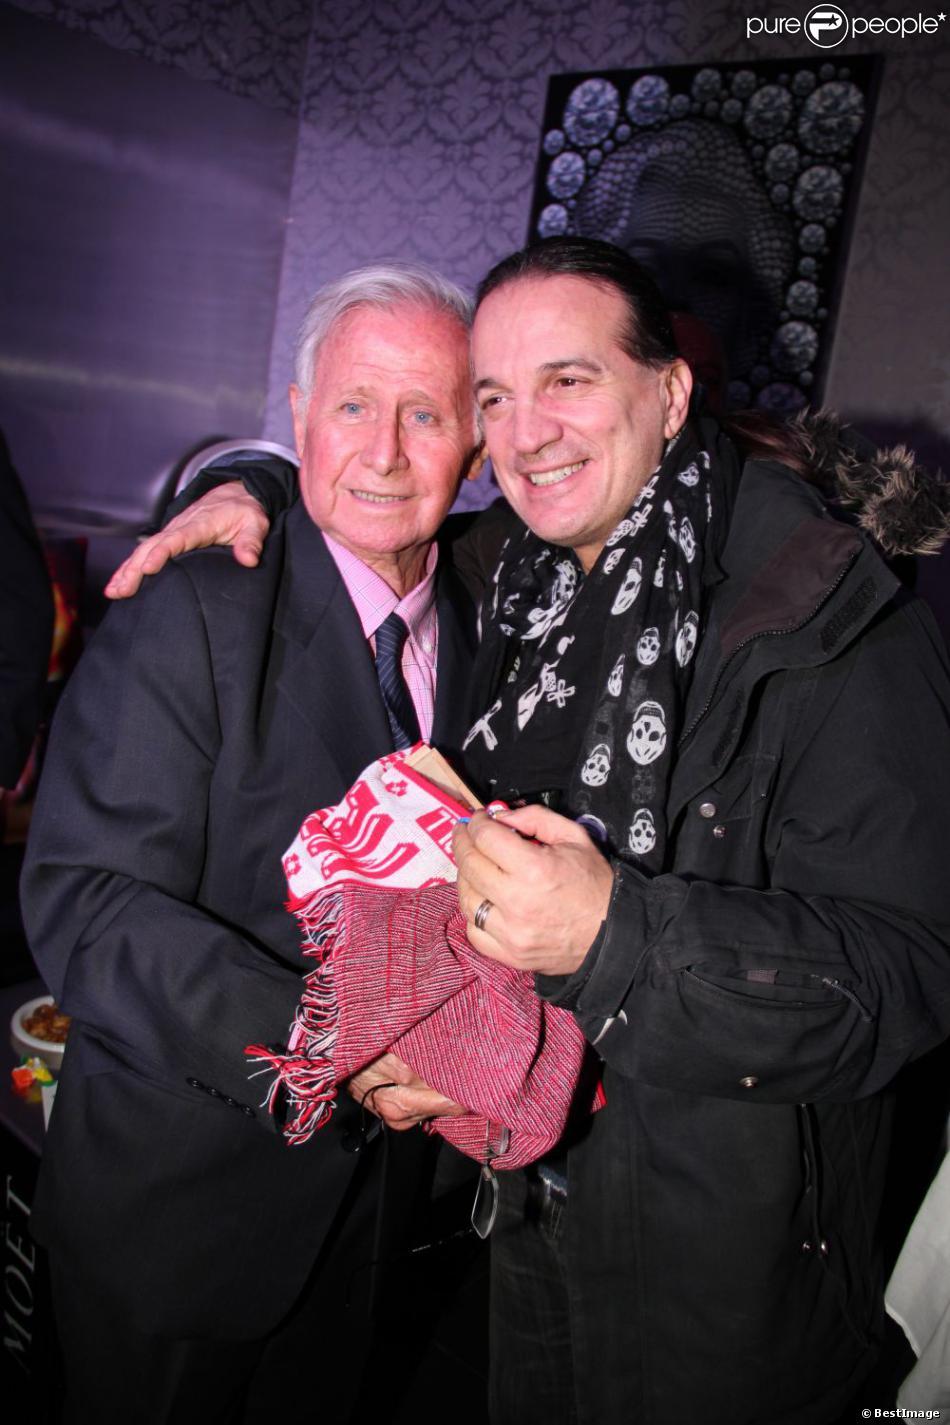 Exclusif :Francis Lalanne et Michel Hidalgo (ex-selectionneur de l'Equipe de France) qui fête ses 80 ans lors d'une soirée au Palais Maillot à Paris le 25 mars 2013.